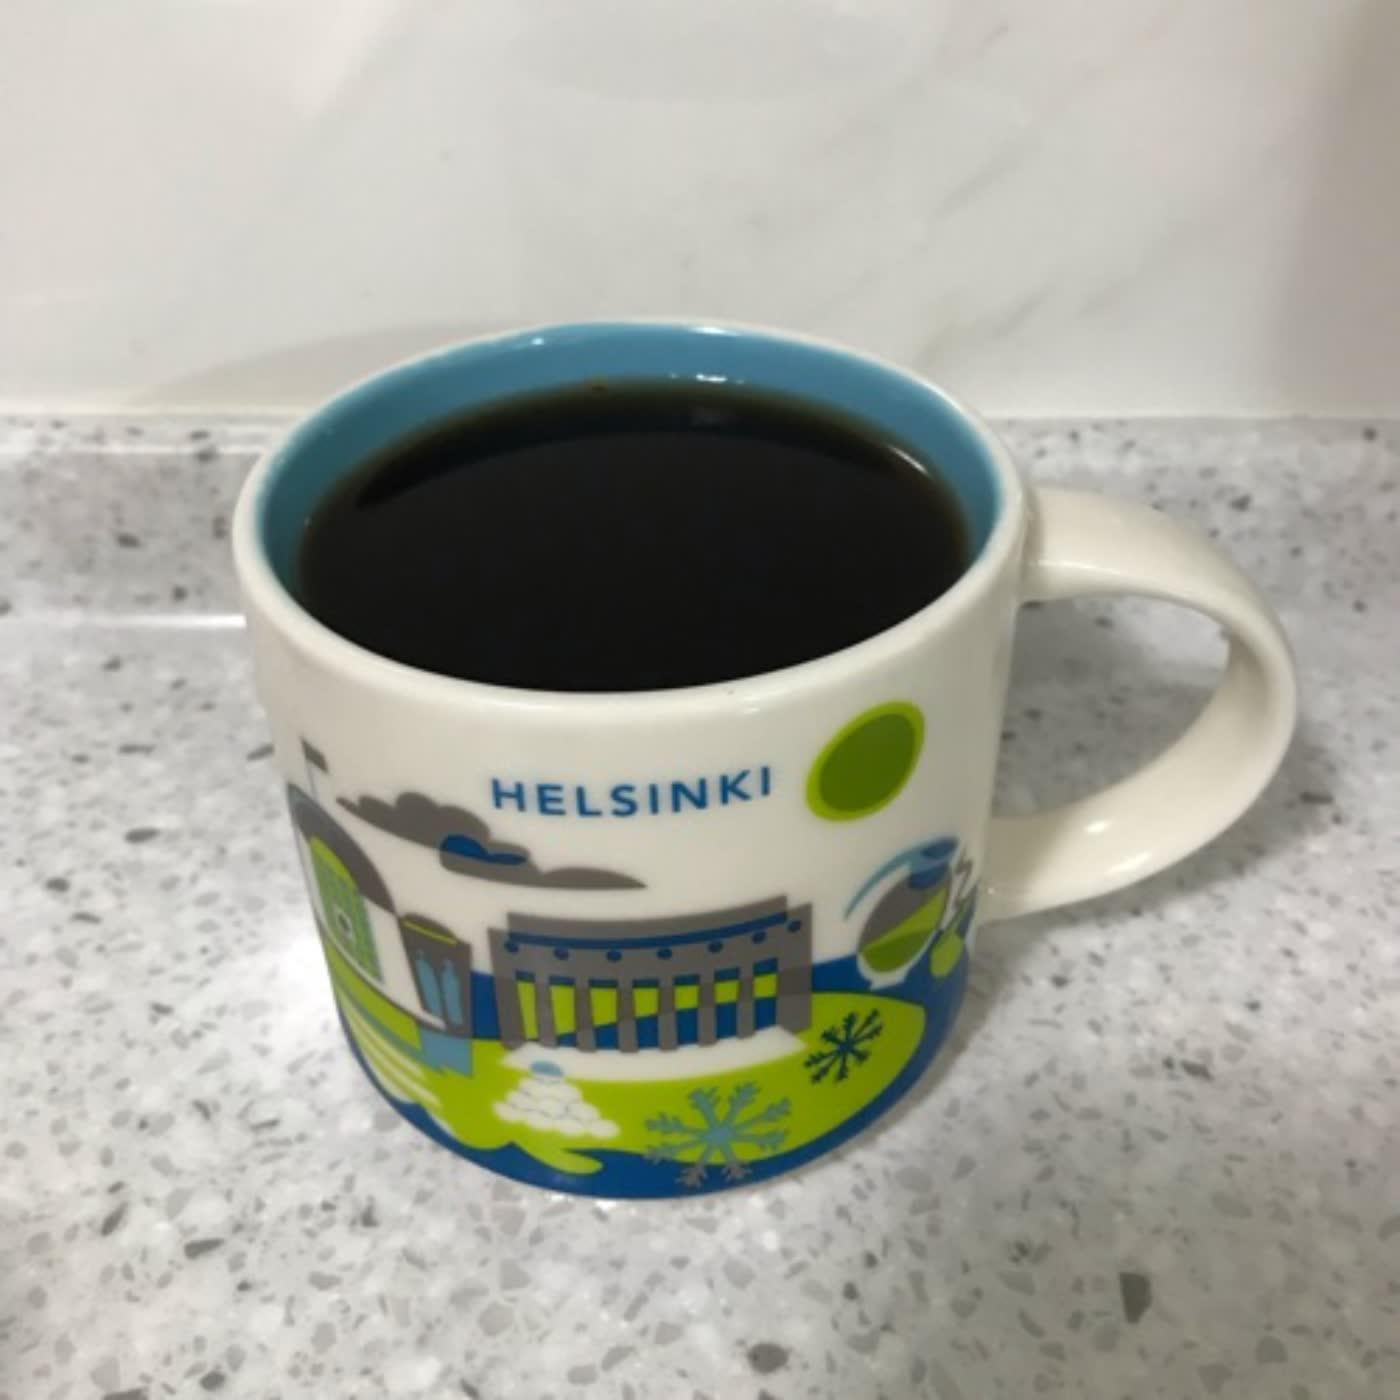 文老魯的黑咖啡